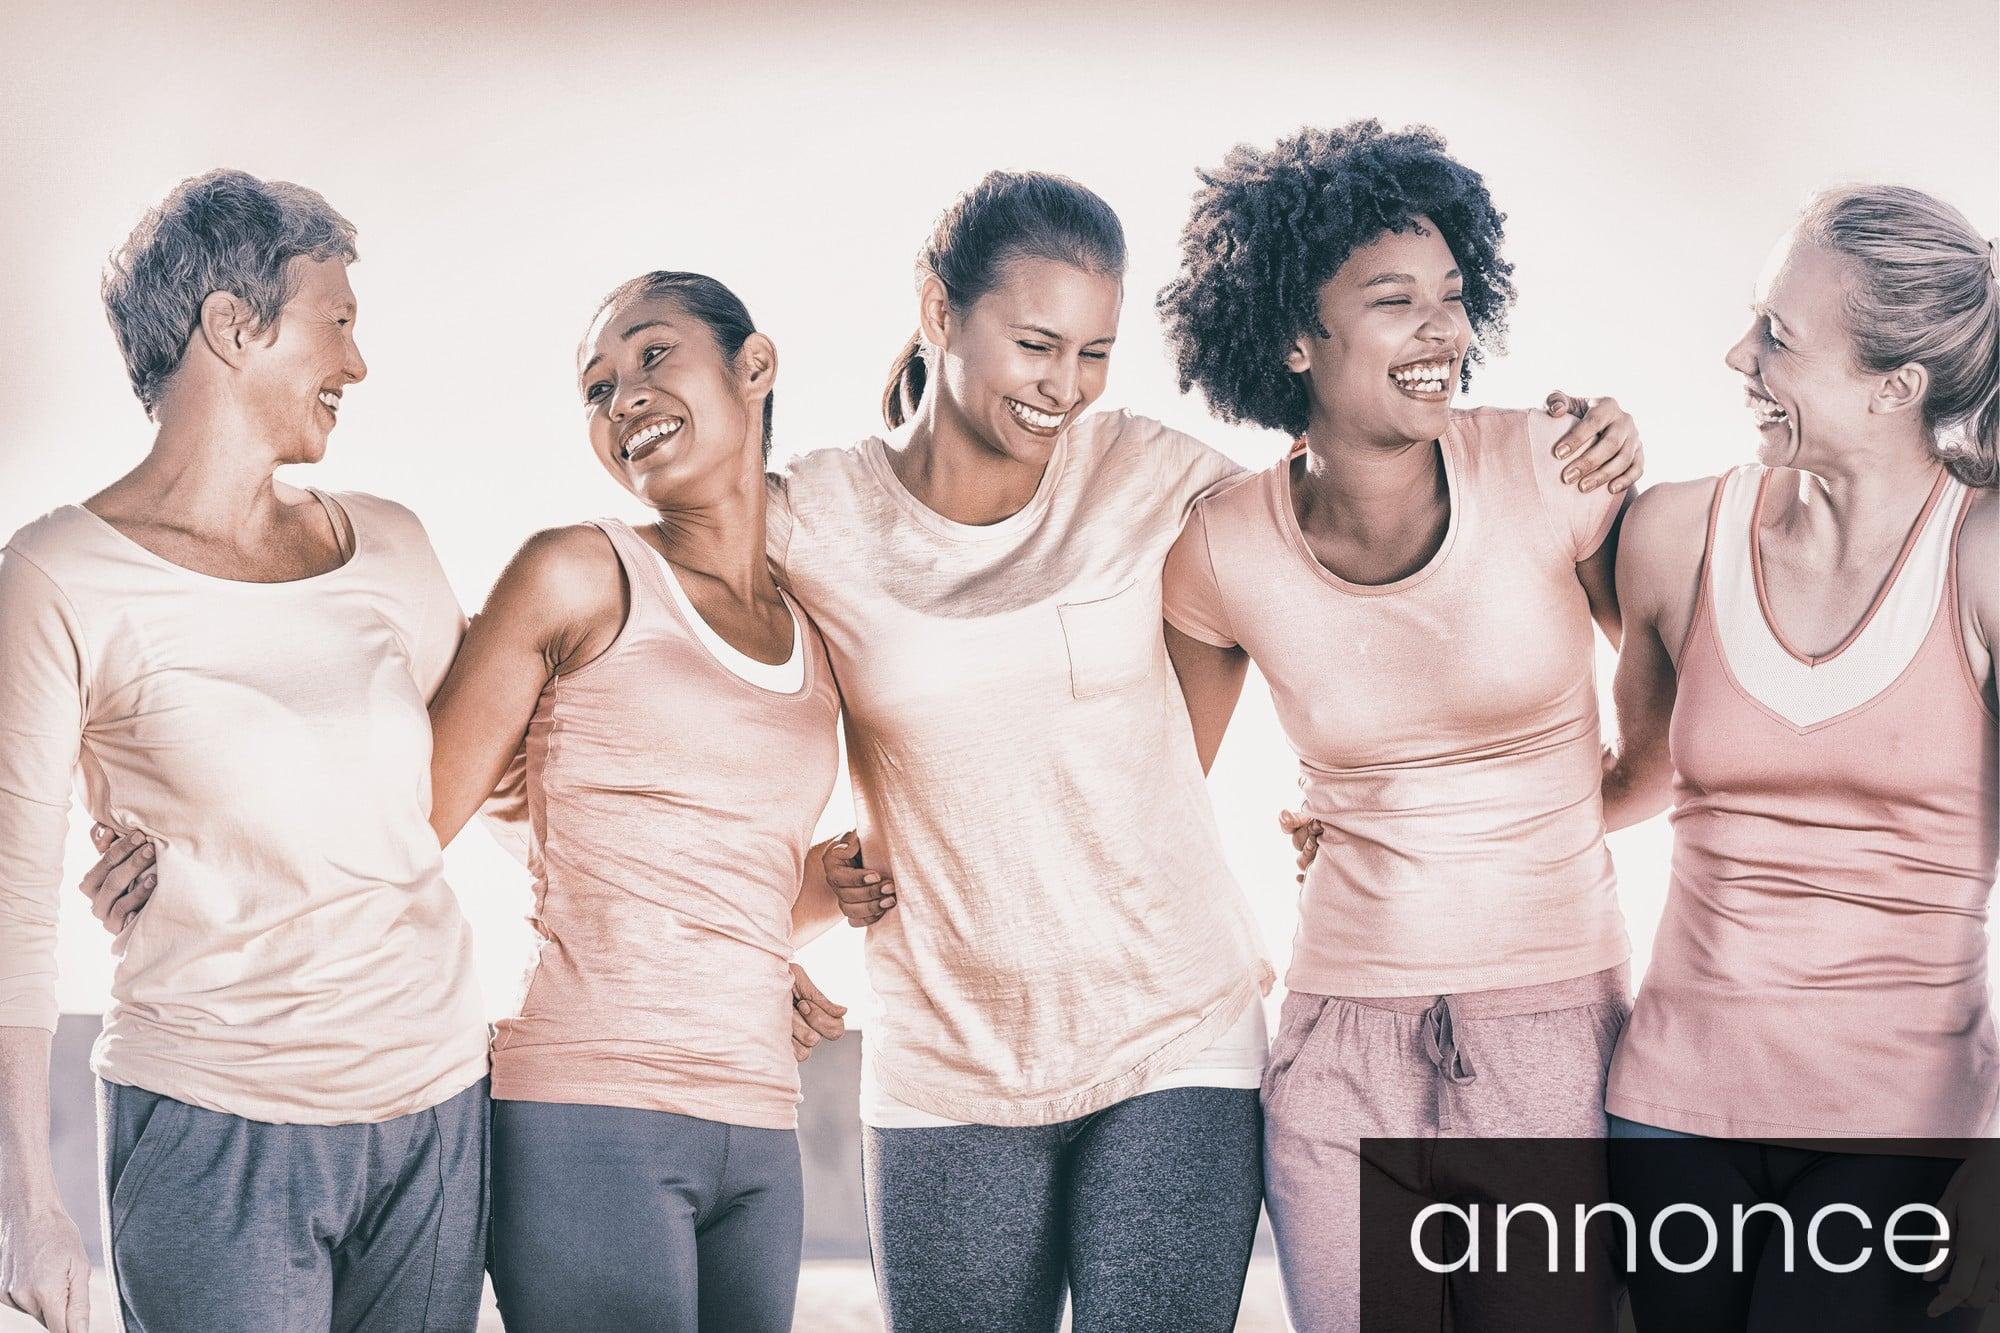 Idéer til at arrangere en anderledes kvindeaften